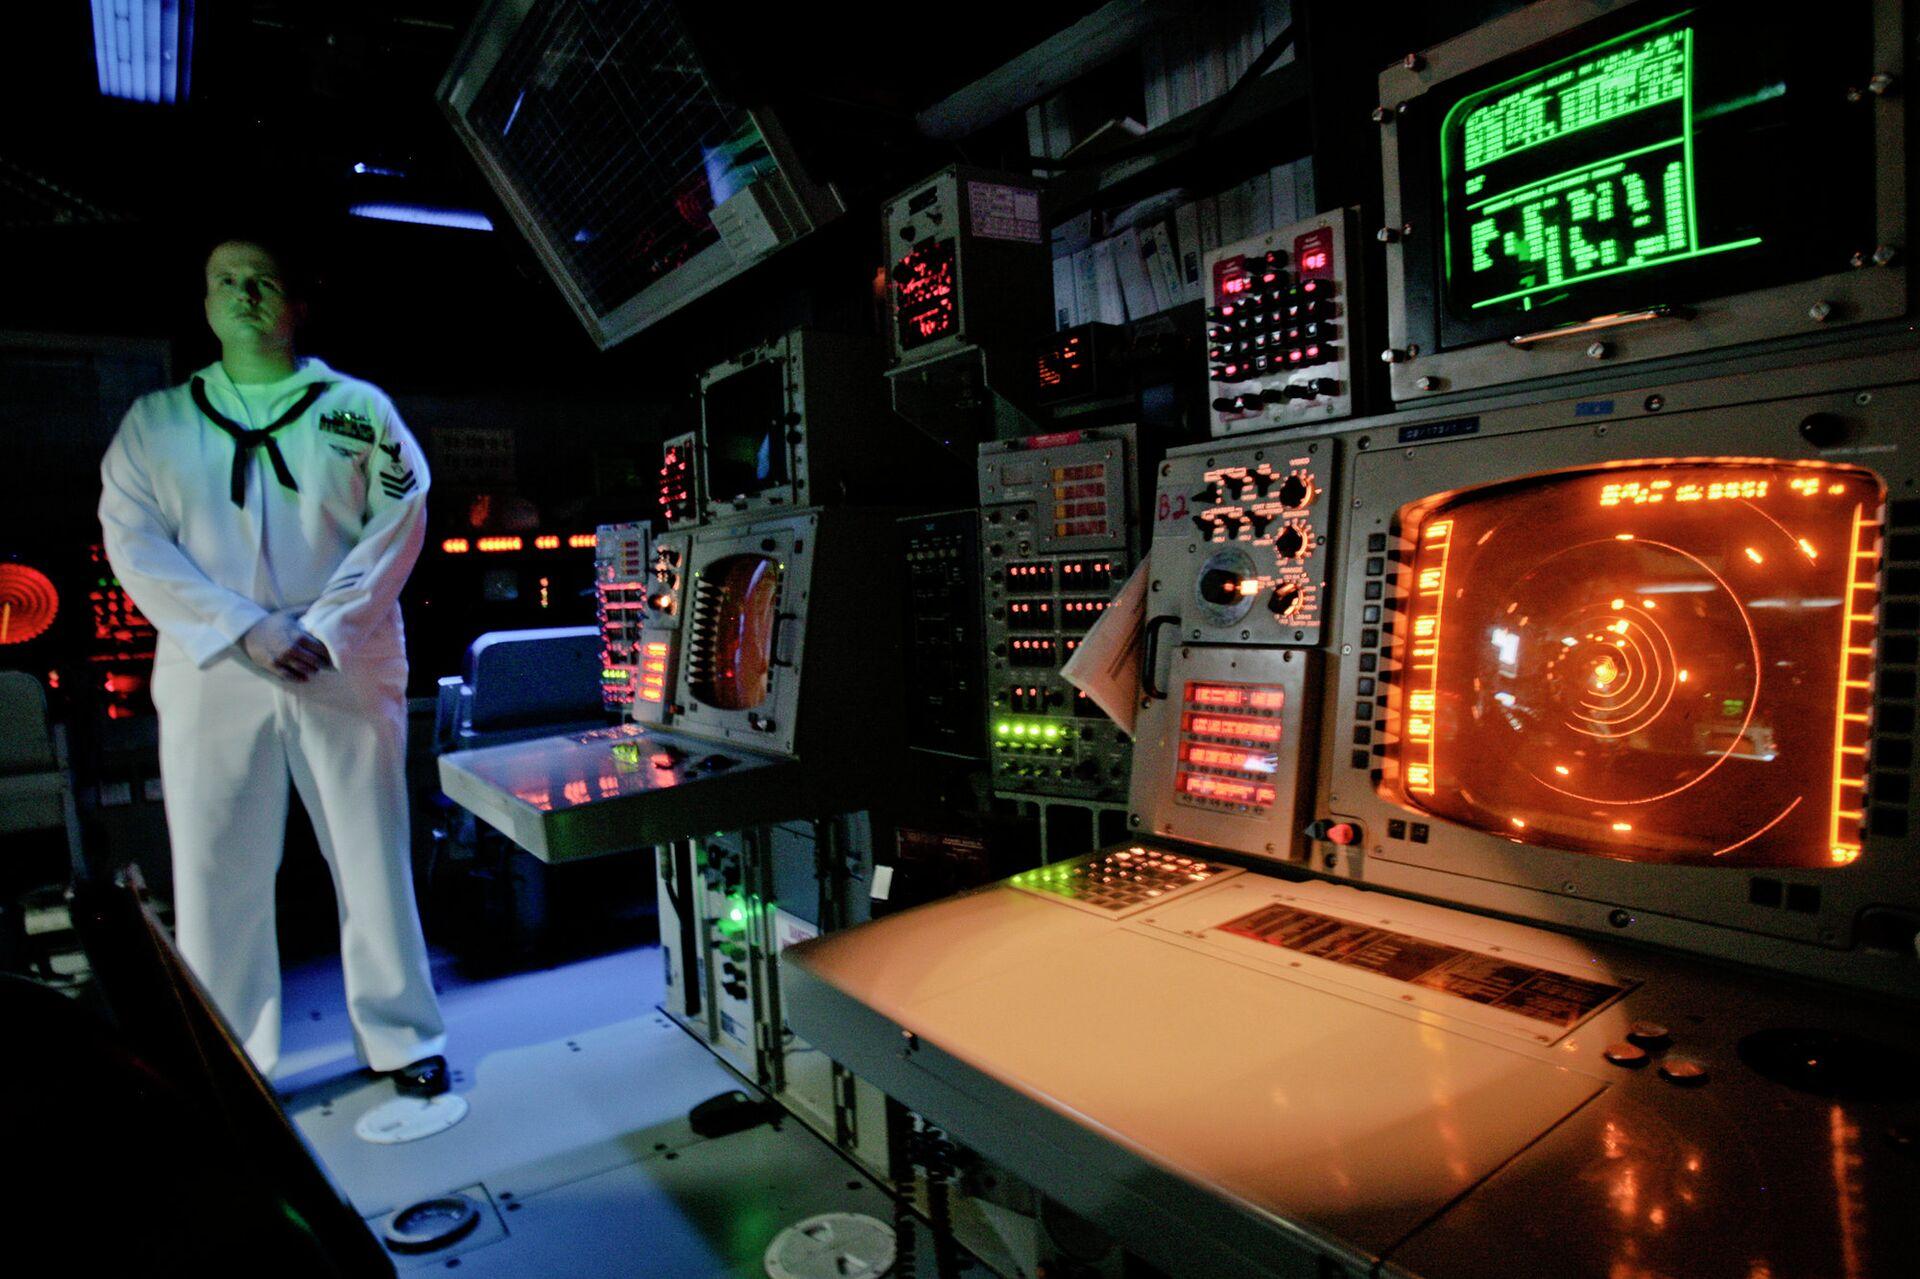 Офицер ВМС США в рубке управления корабля системы Aegis (Иджис) во время учений в Румынии. Архивное фото - РИА Новости, 1920, 16.02.2021